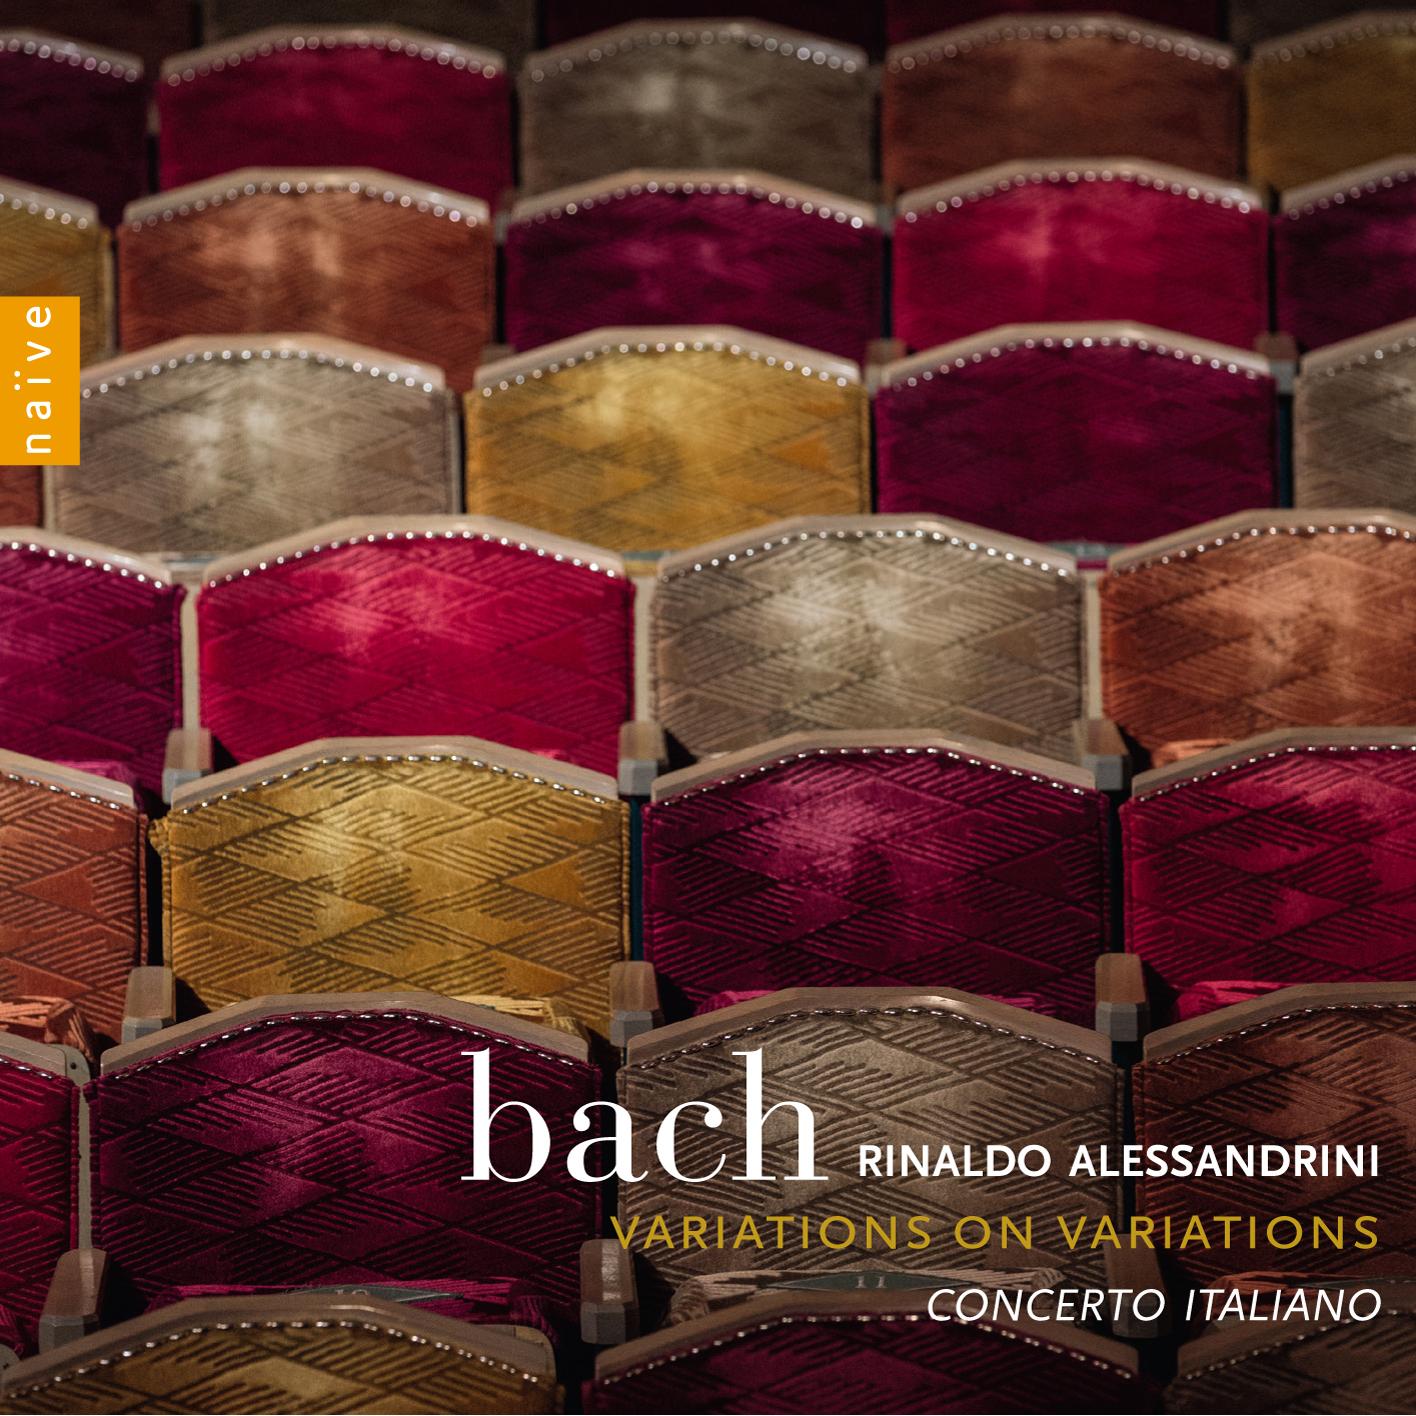 OP30575 K Bach Variations on variations Alessandrini.jpg